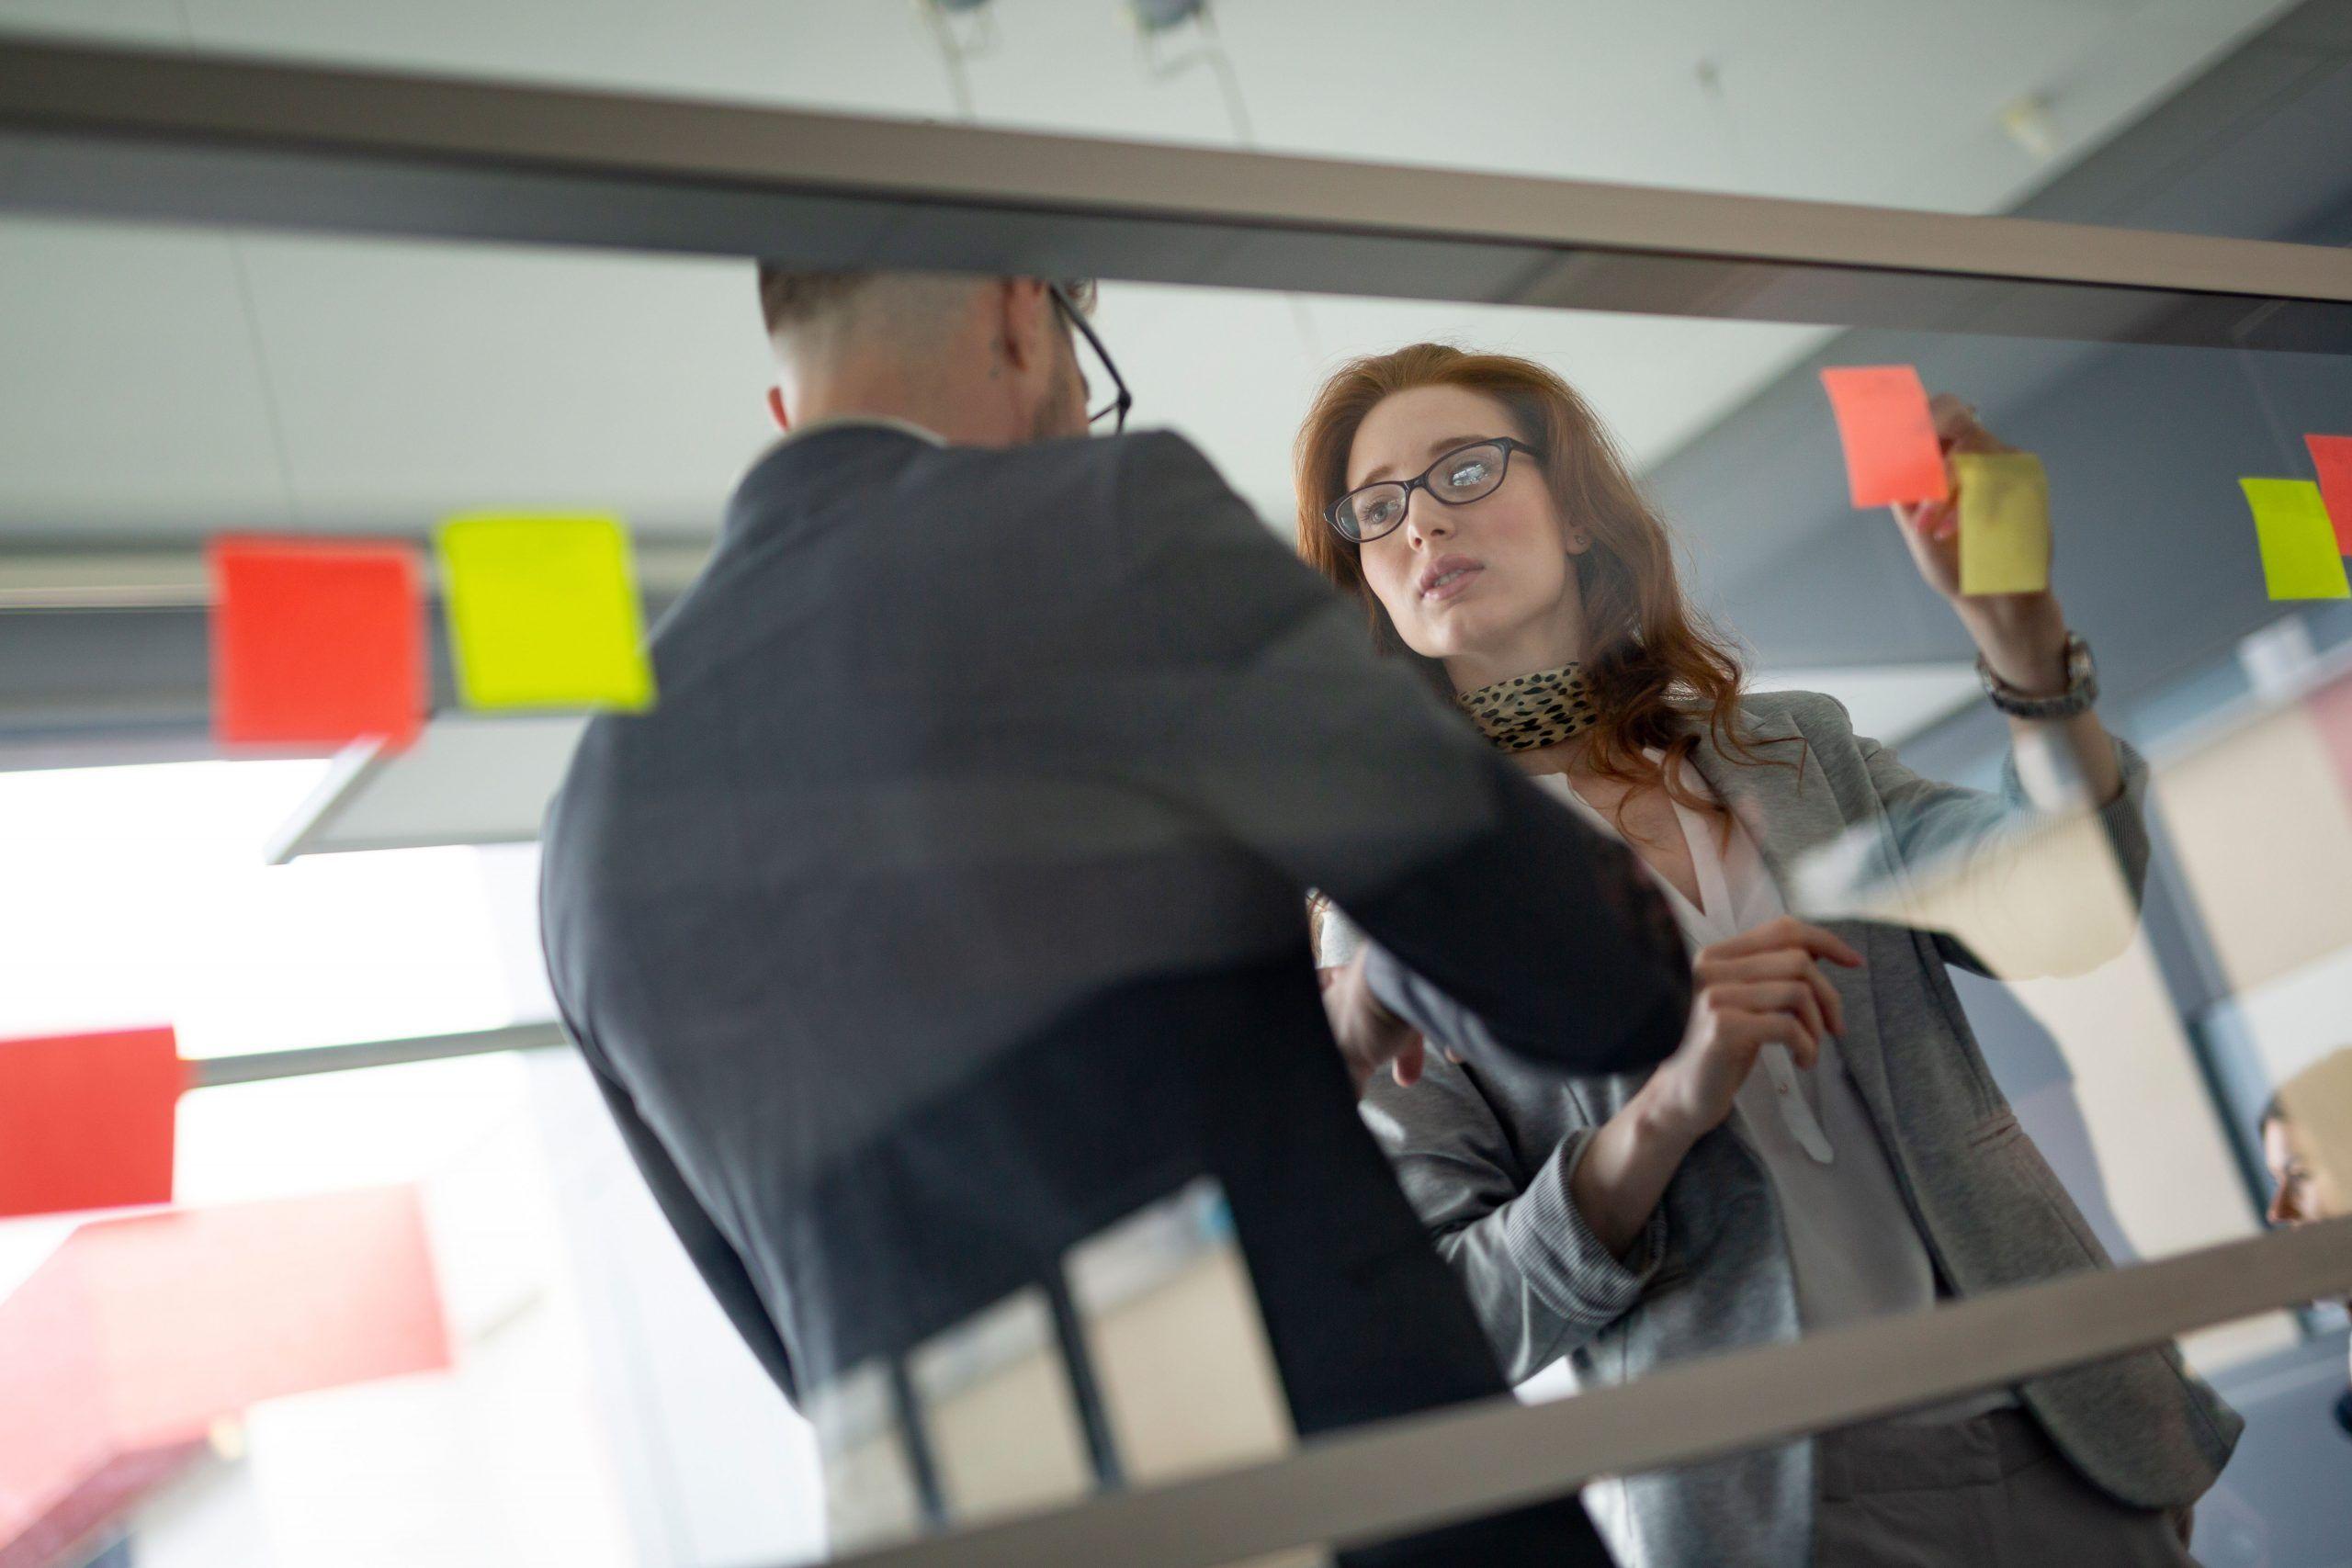 Dois gestores, um homem e uma mulher conversando sobre melhorias para a gestão de risco